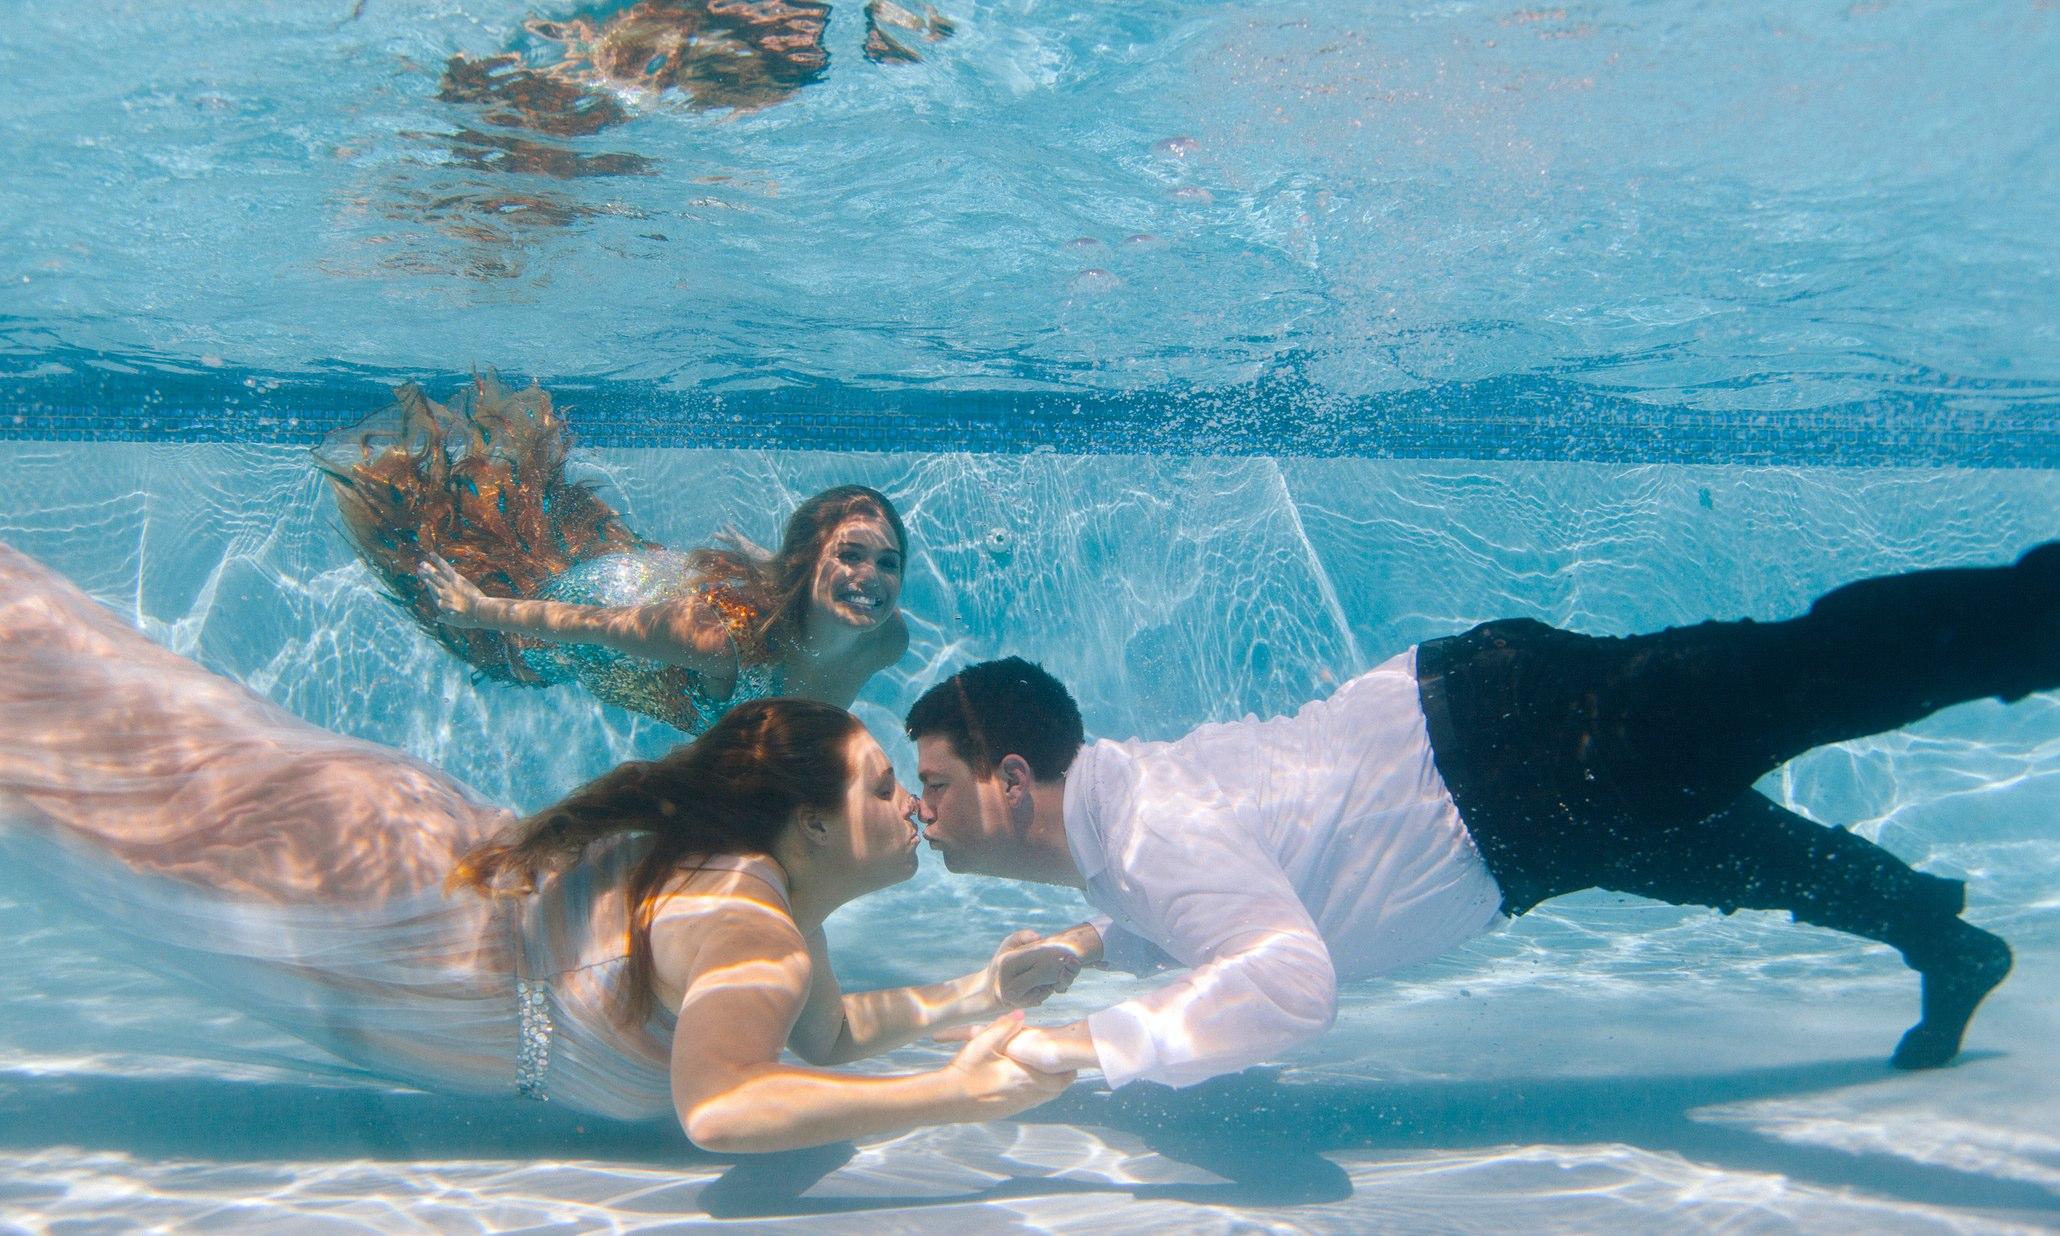 Epic Underwater Wedding Photobomb